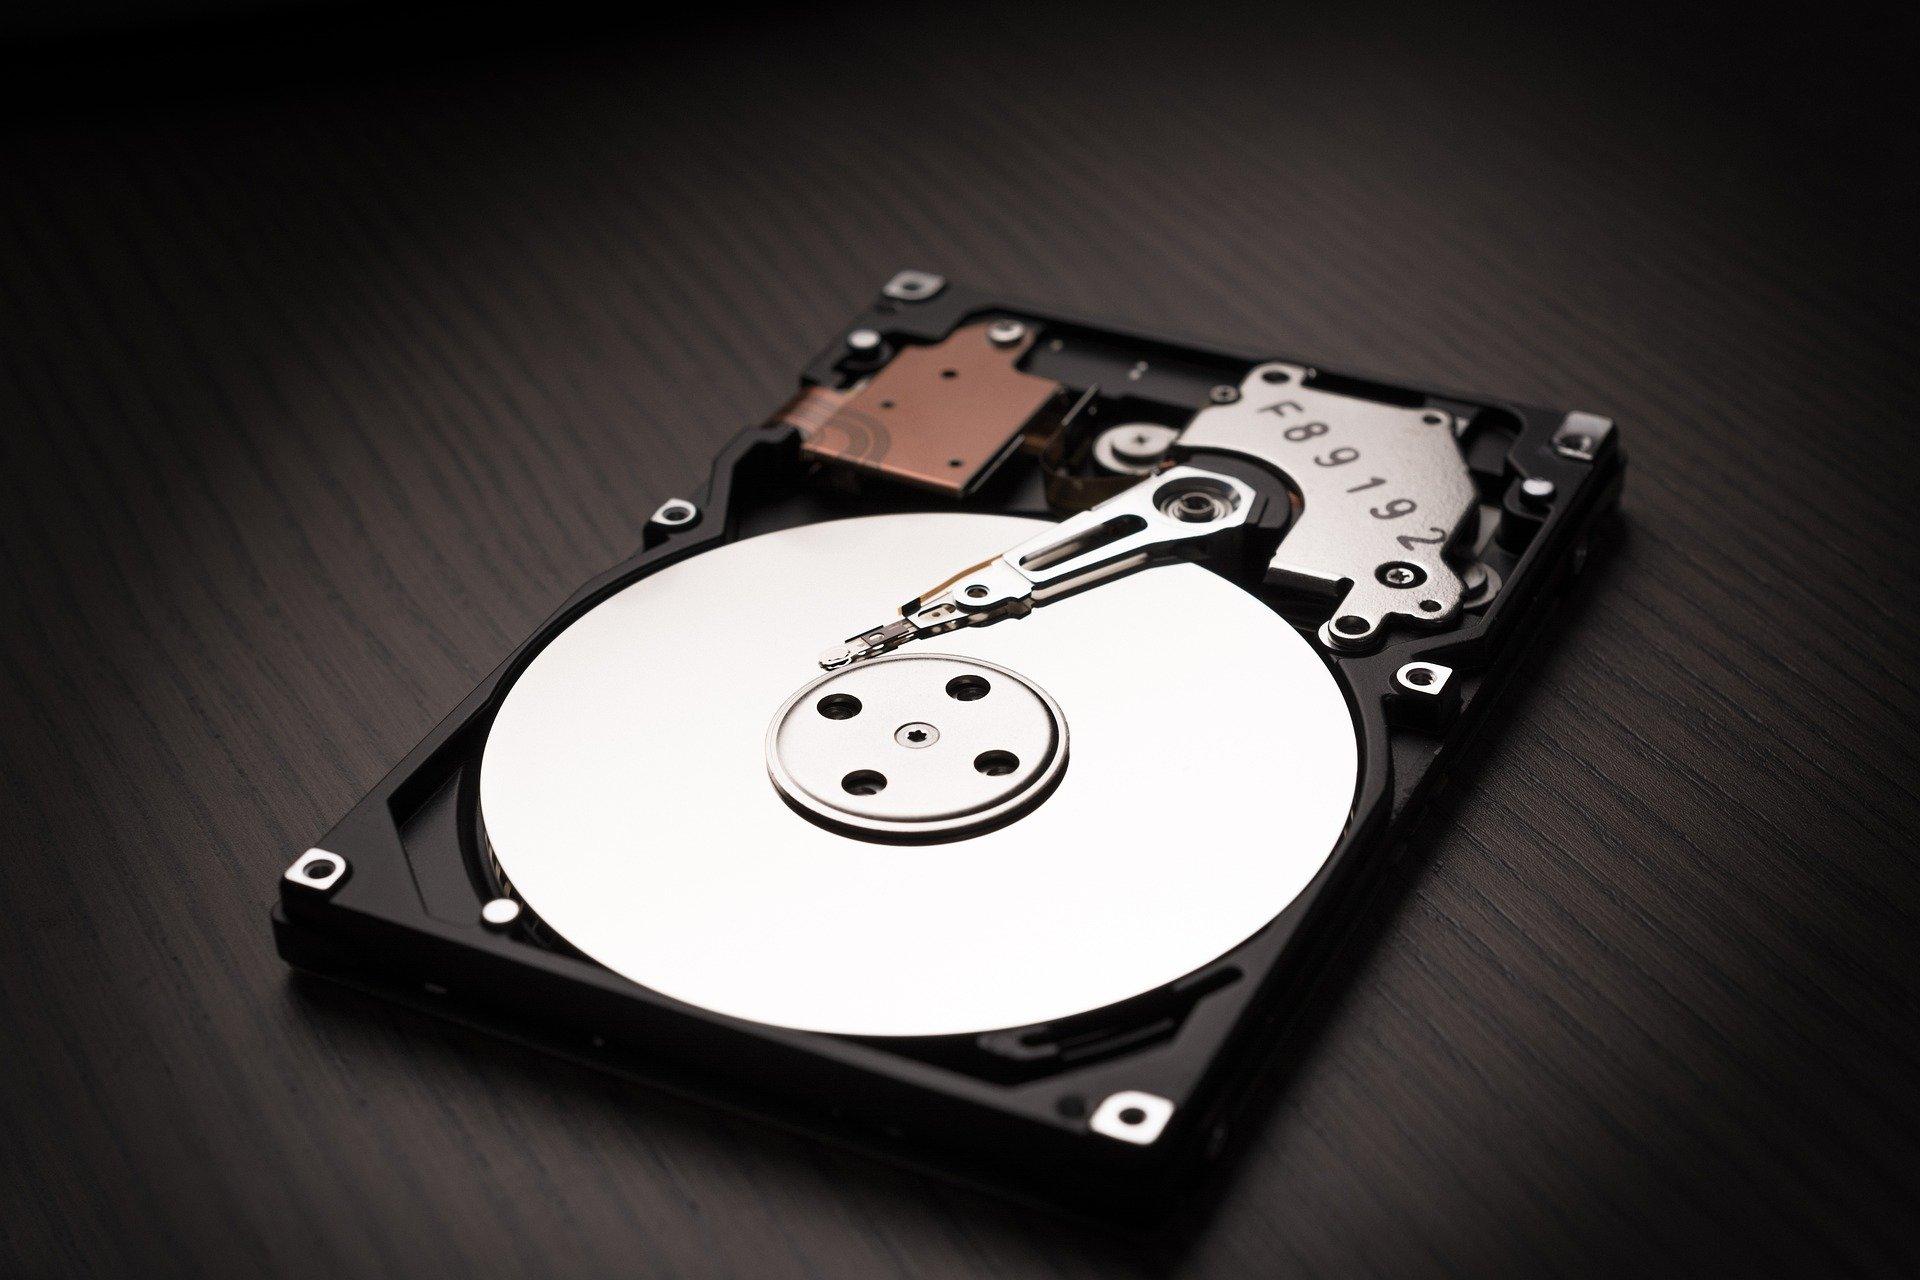 hard-drive-5235642_1920